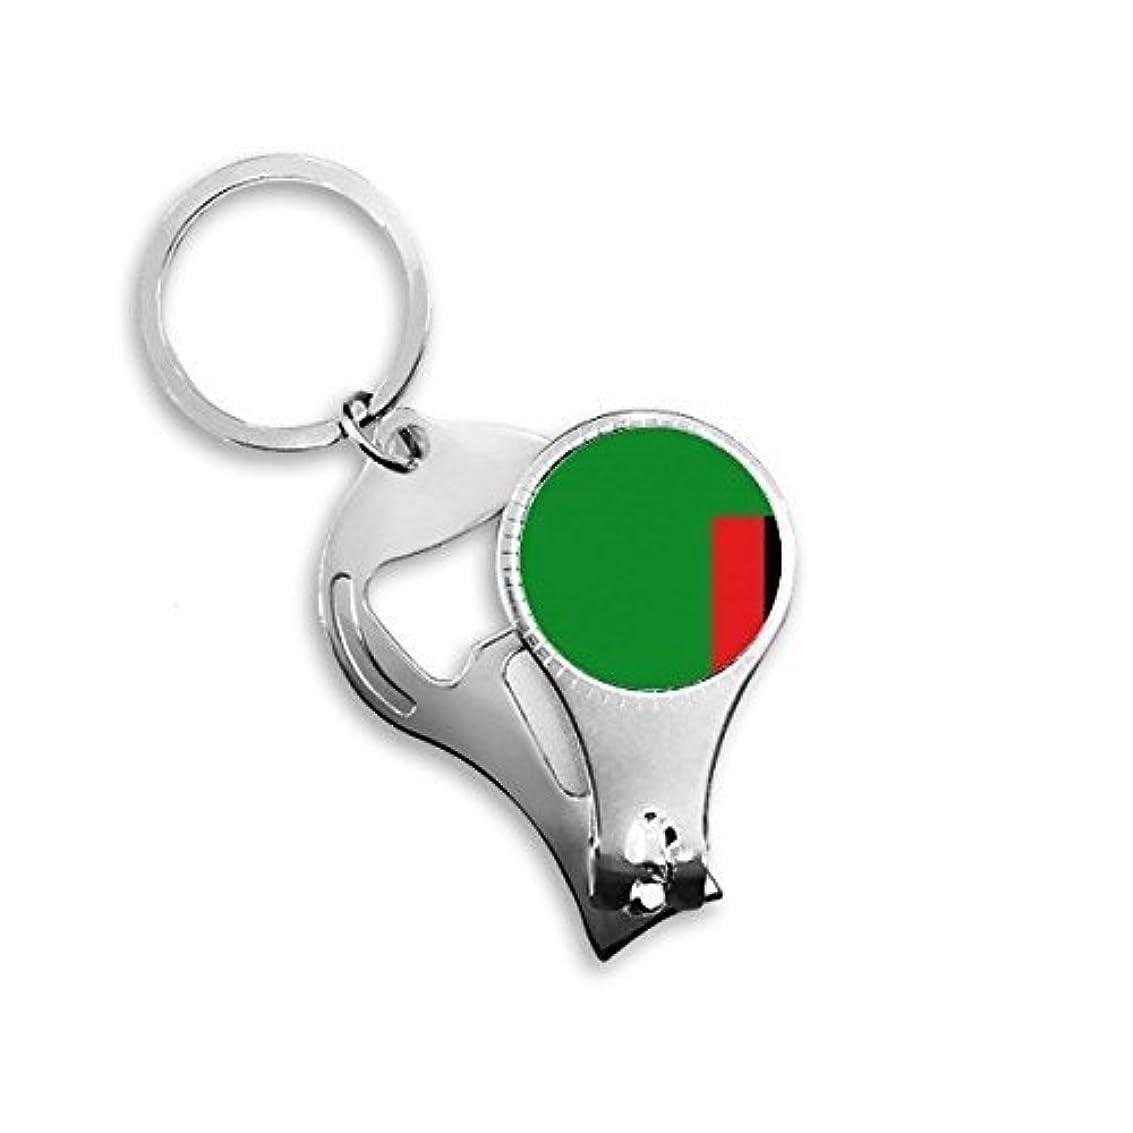 優雅豊富主流PINGFUFF HOME ザンビア国旗アフリカ国シンボルマークパターンメタルキーチェーンリング多機能ネイルクリッパー栓抜き車のキーチェーン最高のチャームギフト